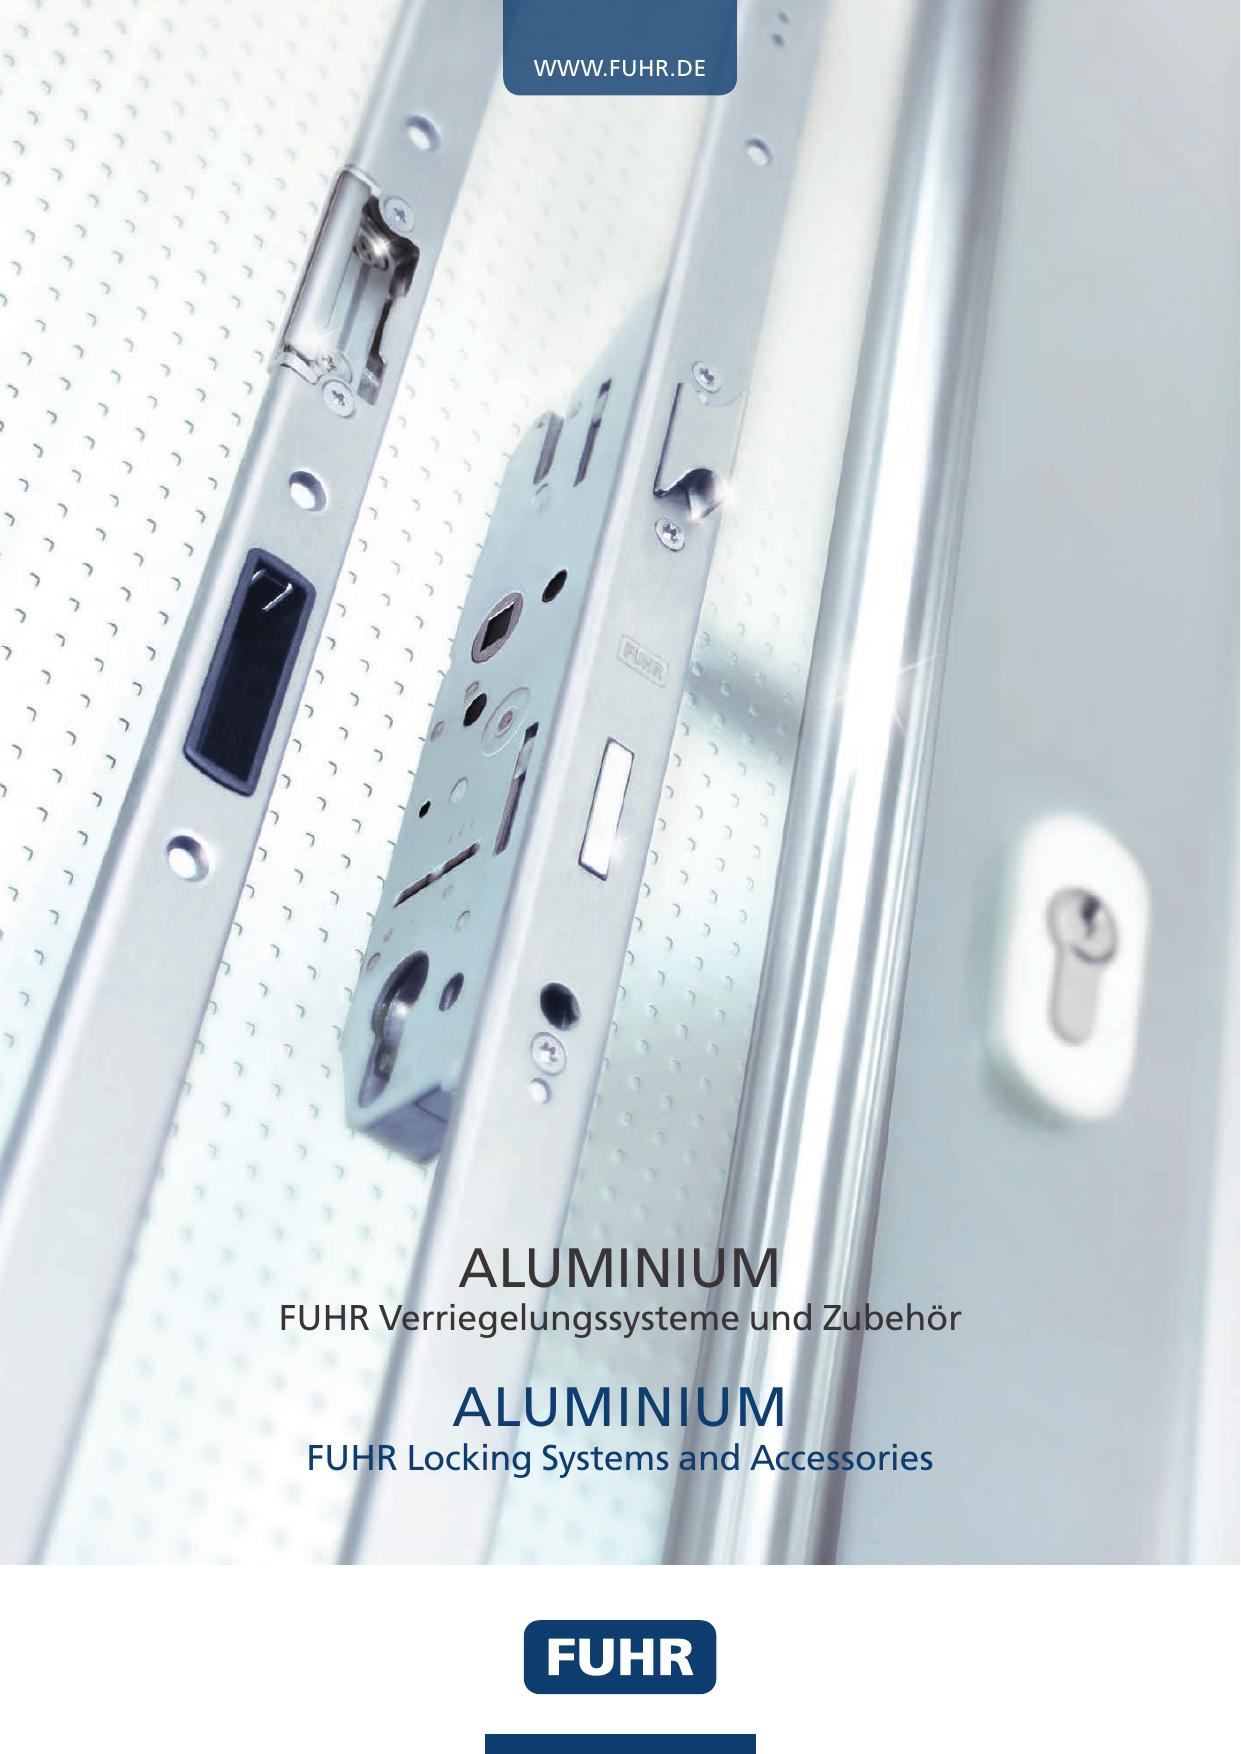 40mm Short 15 Stück Aluminium Shafts eloxiert Silber